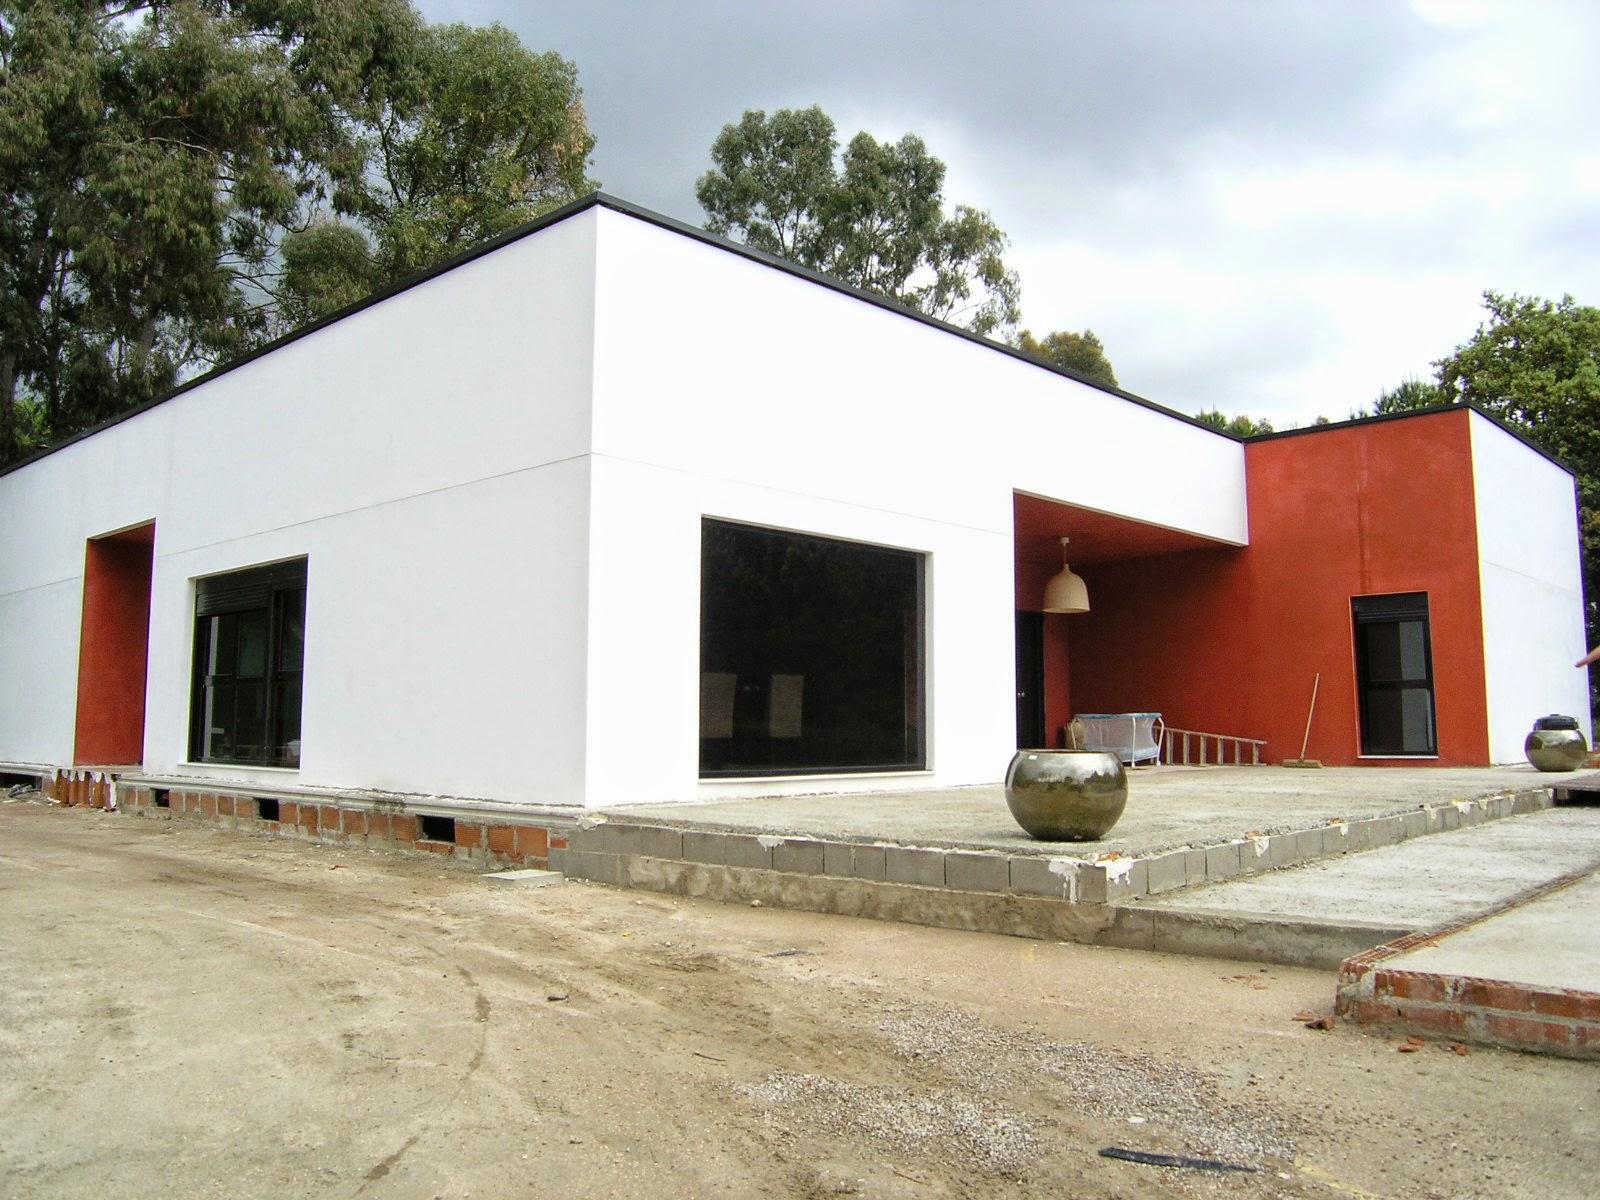 Acerormigon qcasa madrid bienvenidos al blog de casas - Casas de acero prefabricadas ...